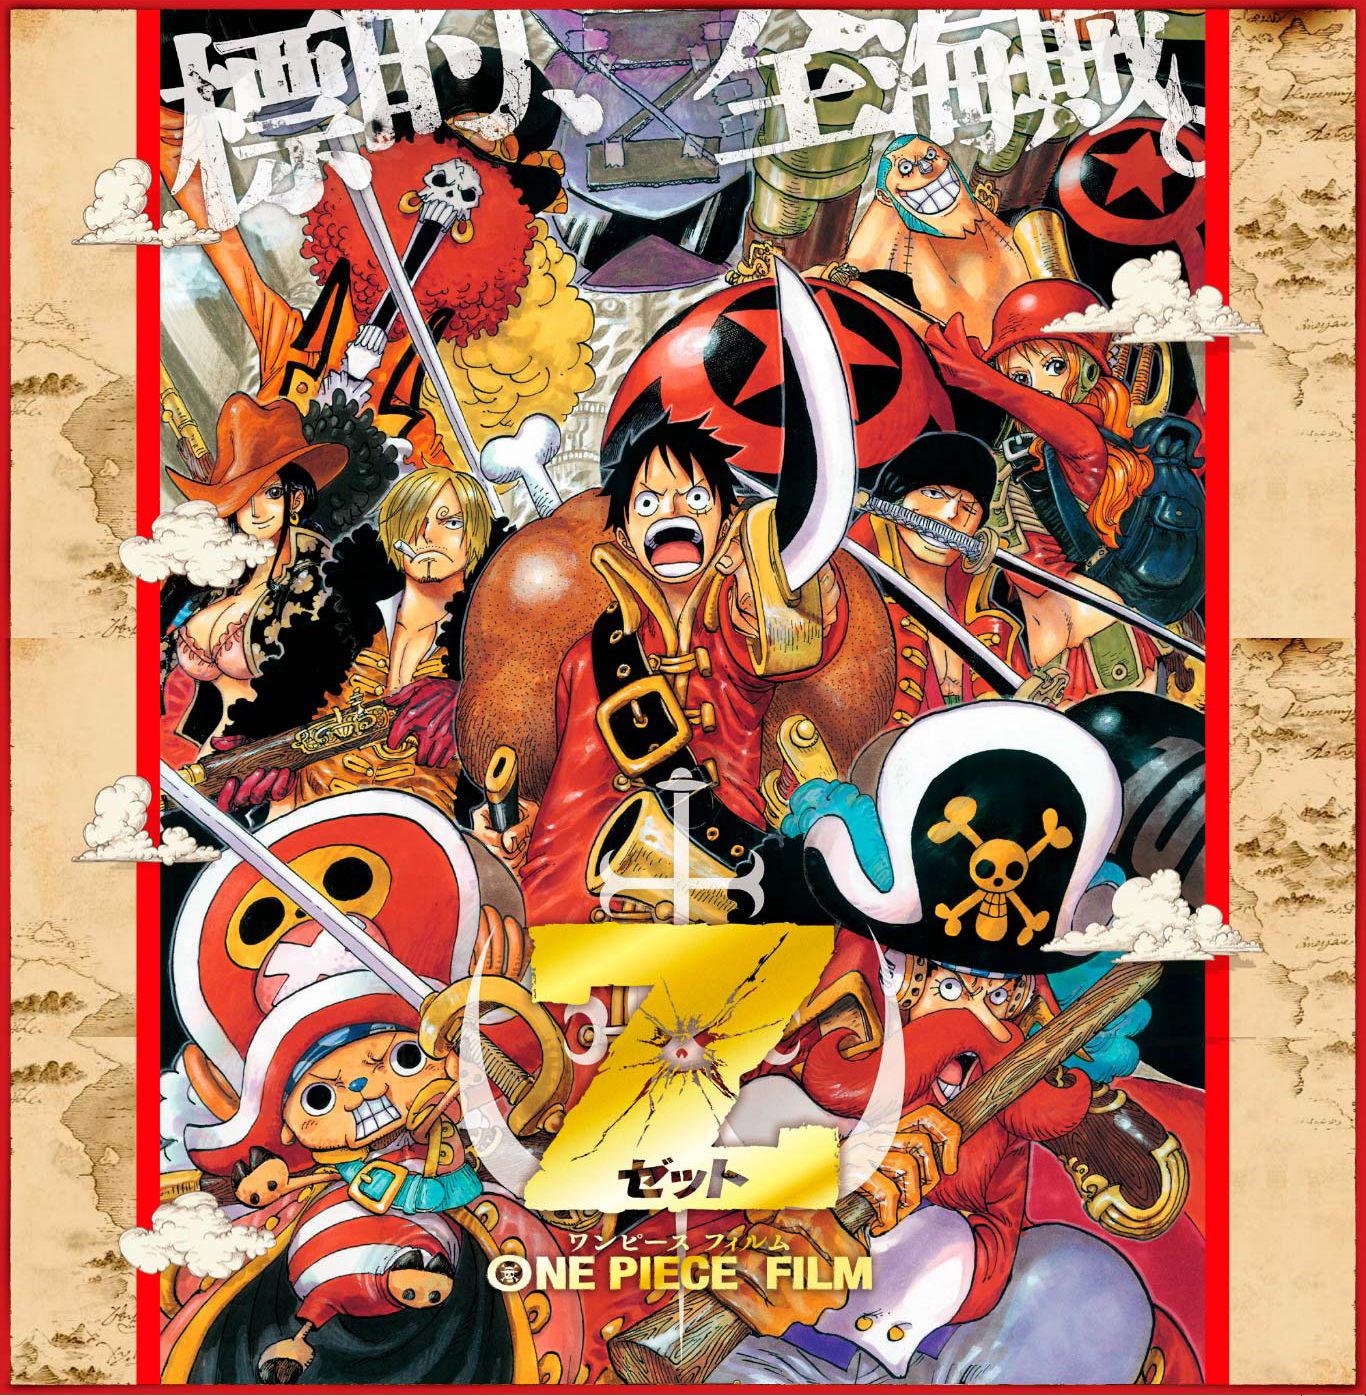 Nuevo trailer de One Piece Film Z: Sekai no Tamashii 世界の魂